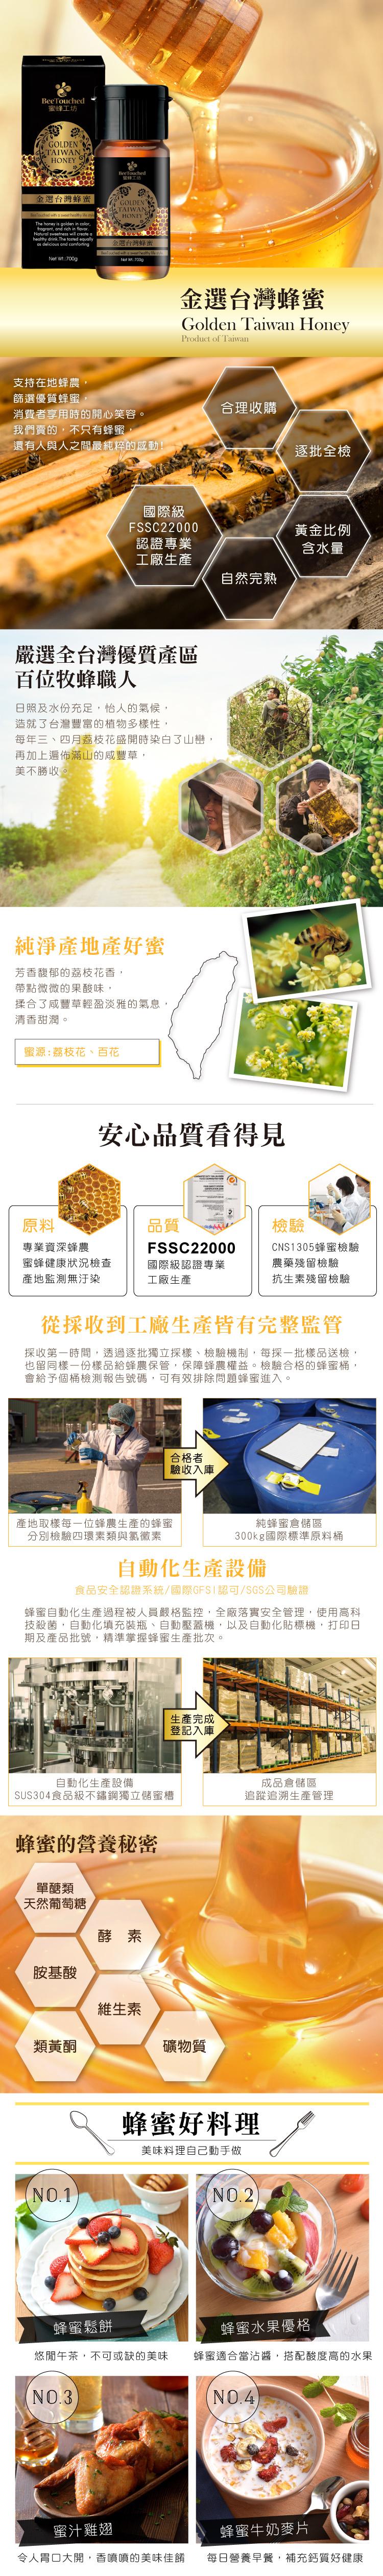 蜜蜂工坊-金選台灣蜂蜜700g